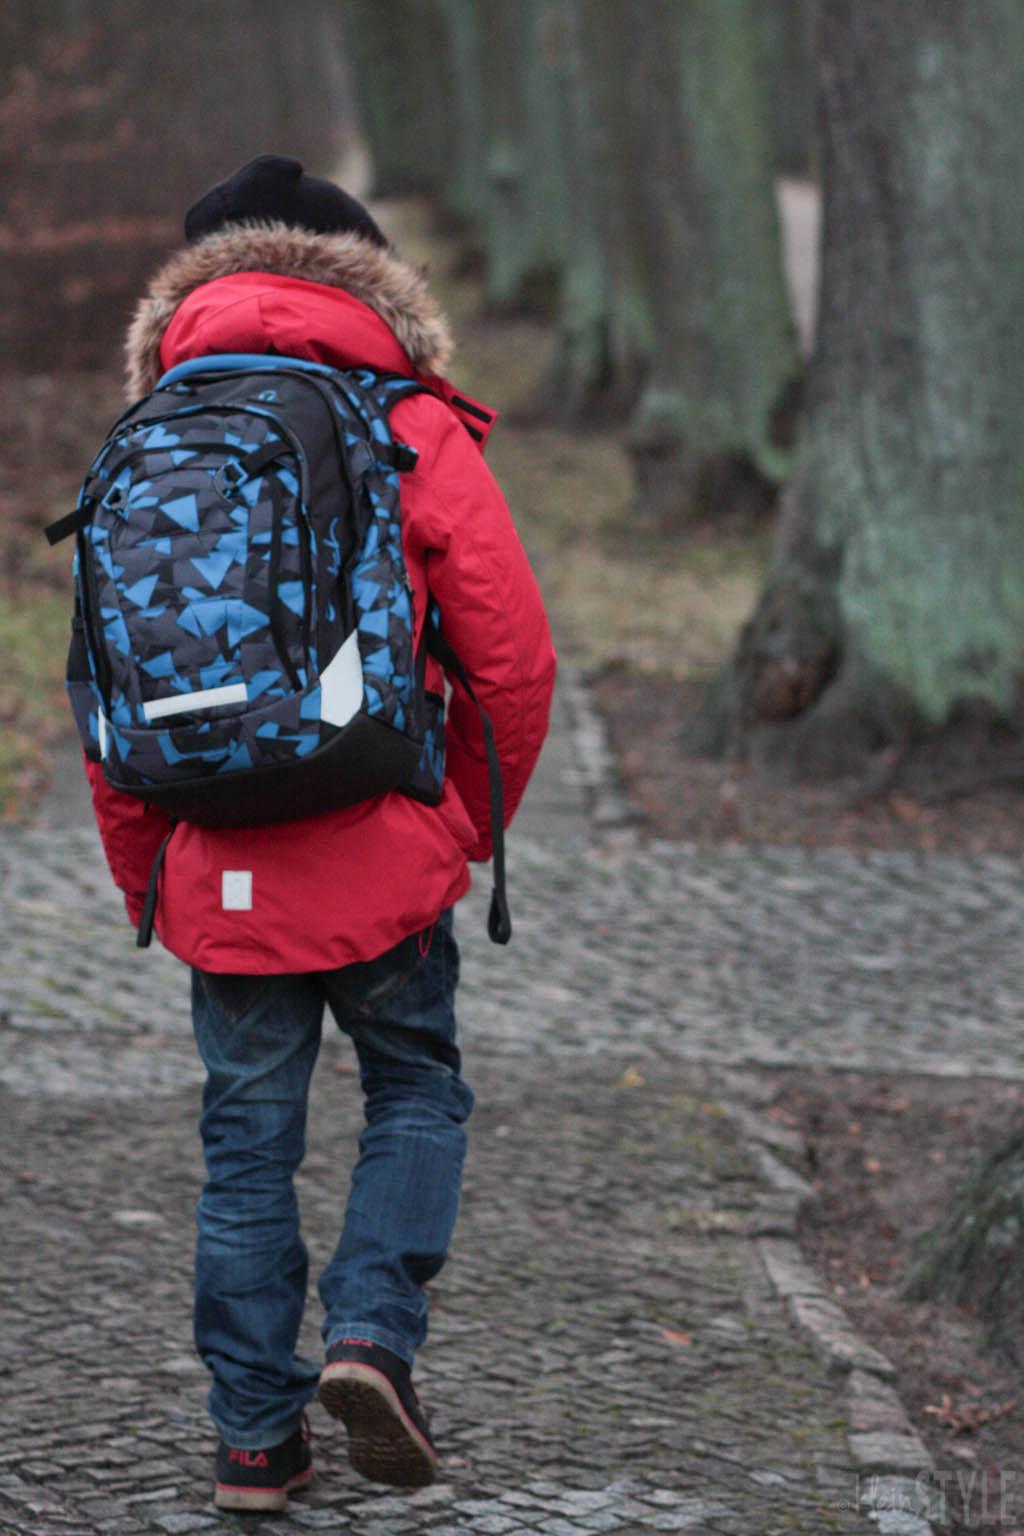 (Deutsch) Das Kind wächst : der Schulrucksack auch!